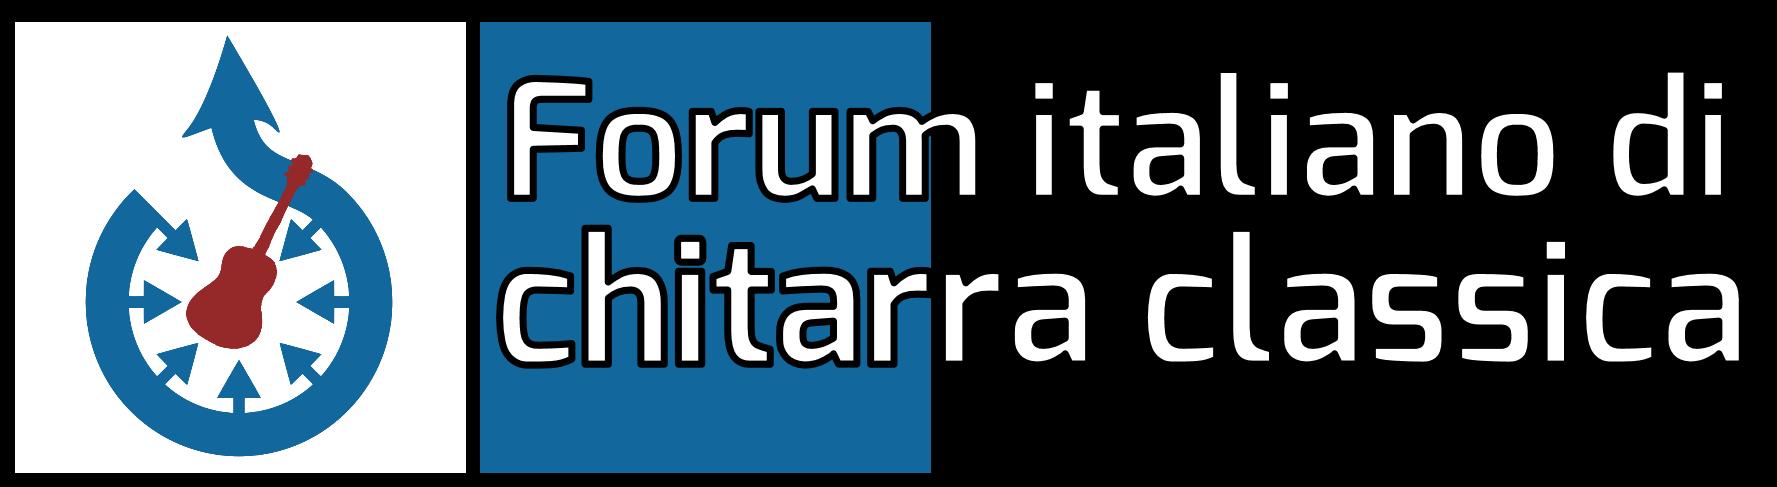 Forum Italiano di Chitarra Classica